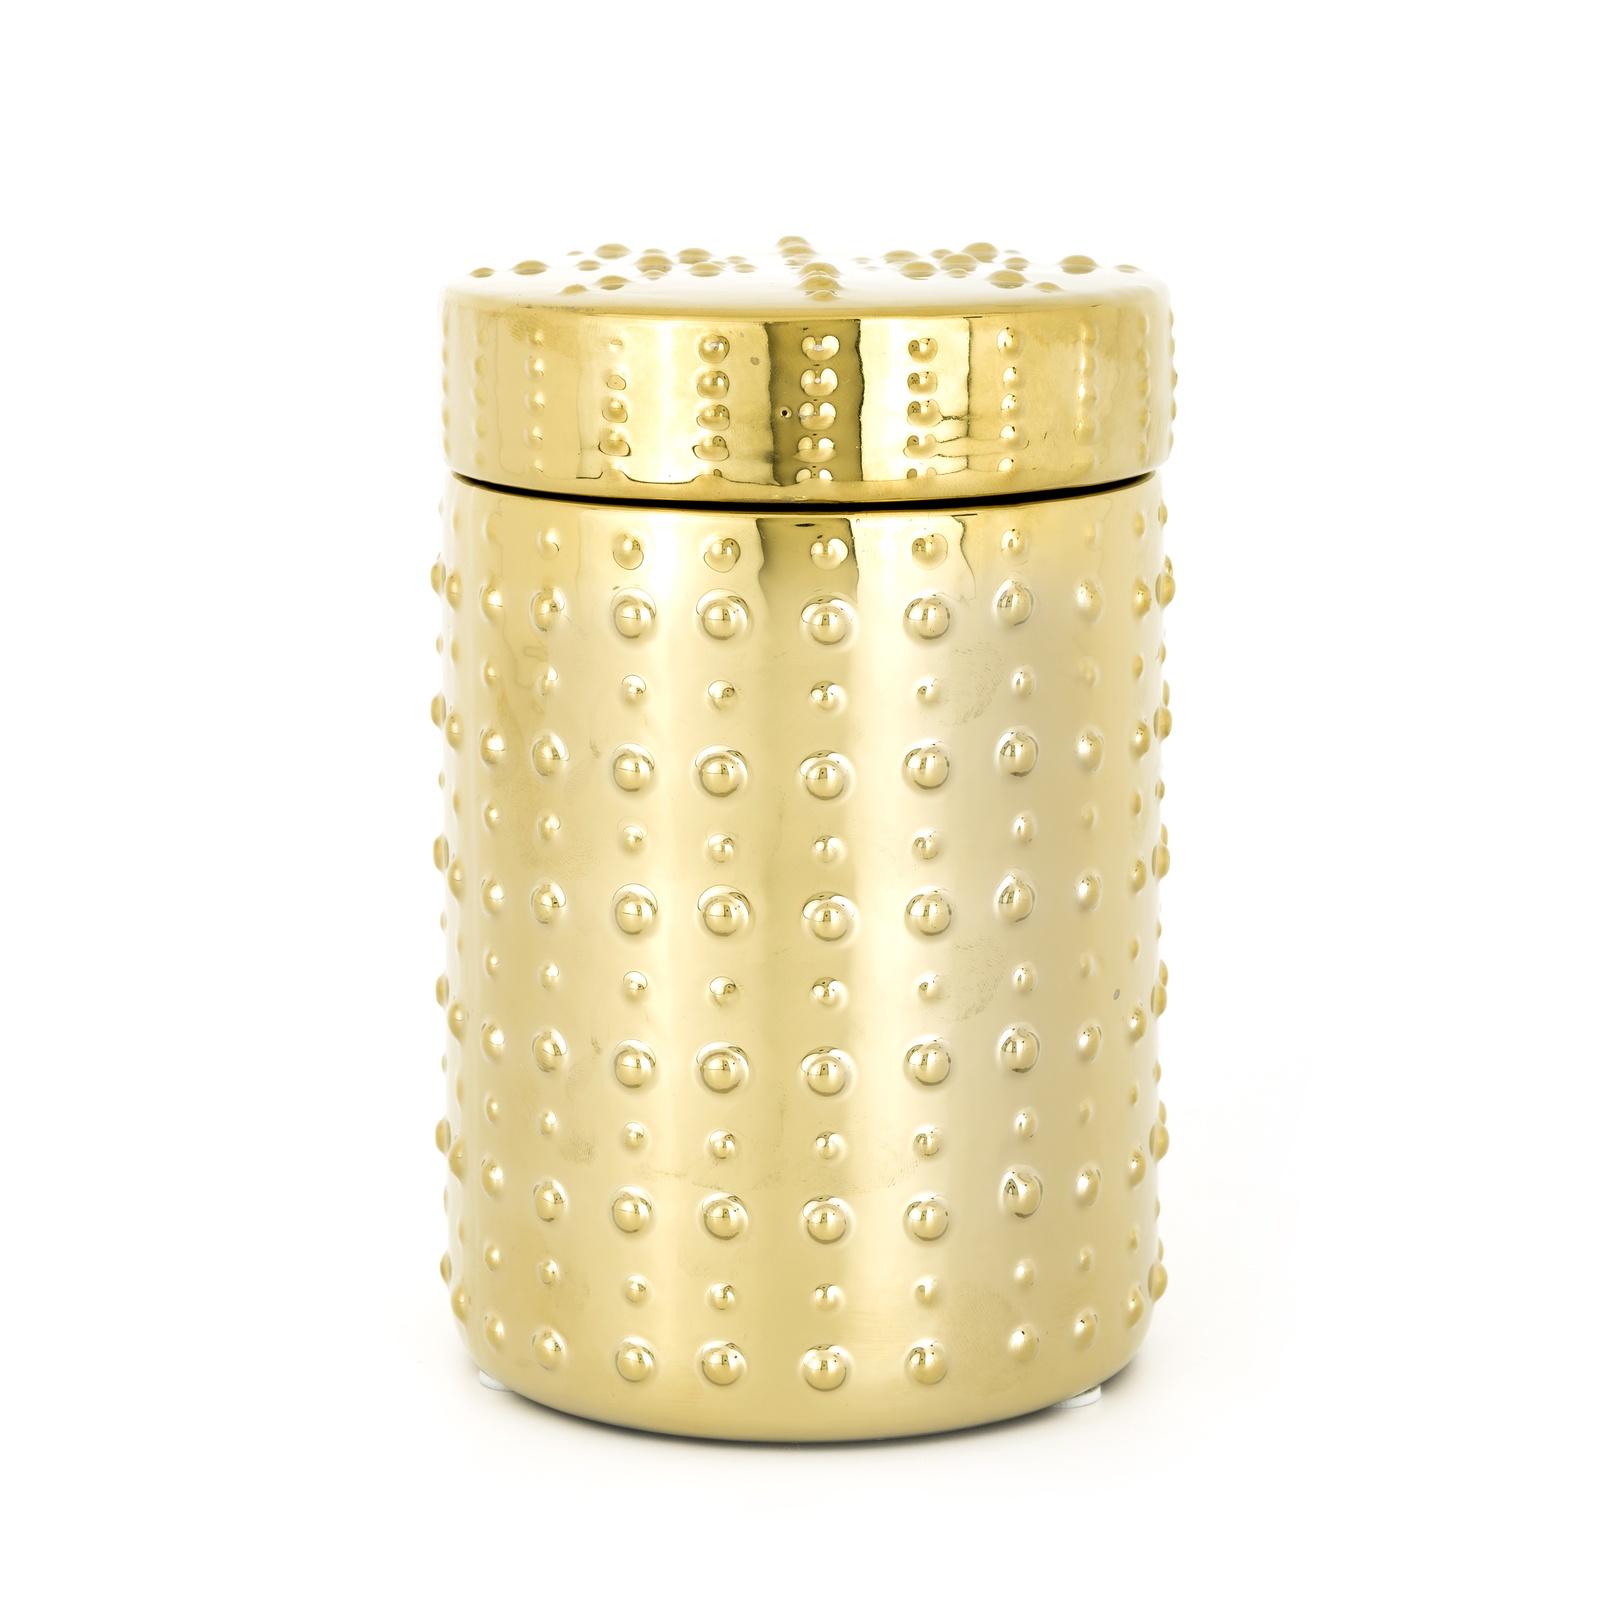 Декоративный сосуд Richmond Interiors Goldy, KP-0027, золотой, 18.5х12.5 смKP-0027Материал: керамика. Размер: длина 18.5, ширина12.5, высота 12.5. Цвет: золотой